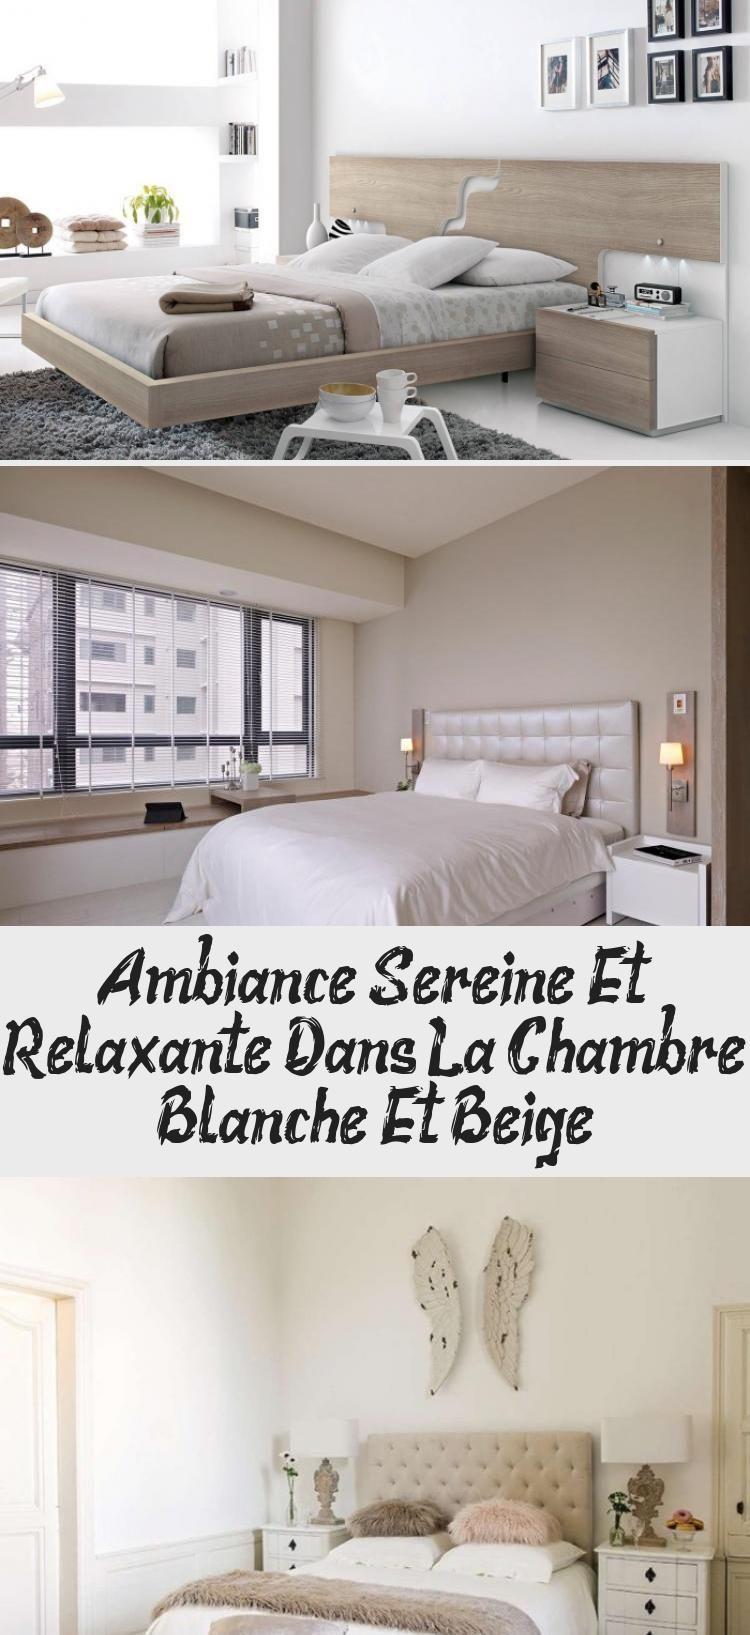 Chambre Ado Boheme Chic ambiance sereine et relaxante dans la chambre blanche et